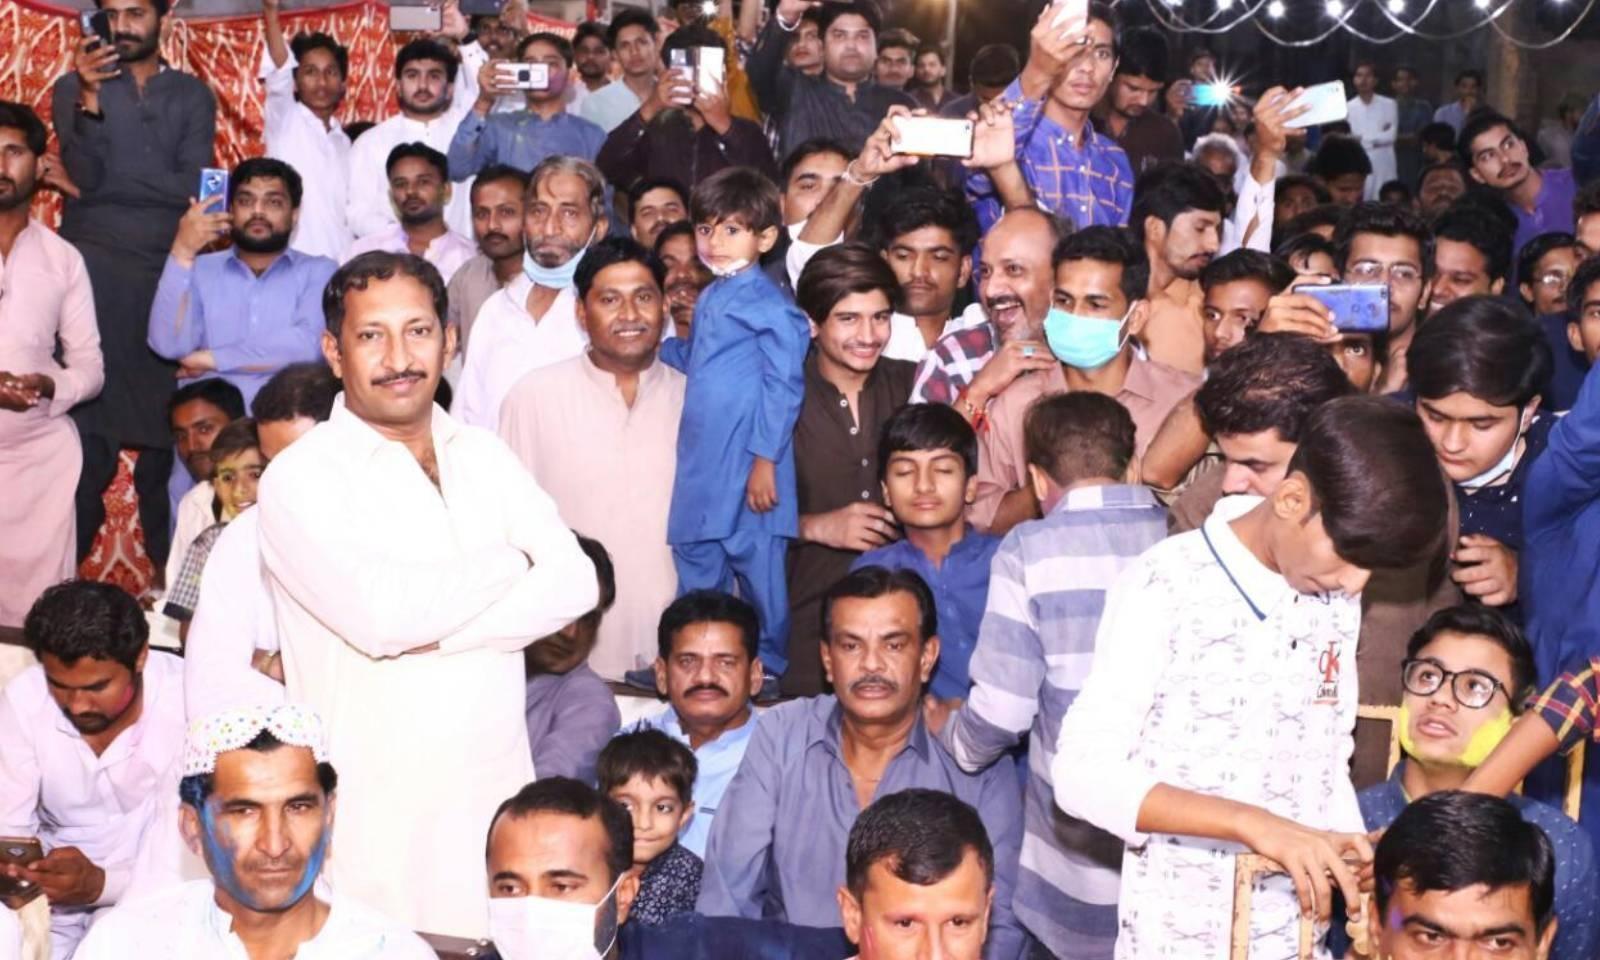 سیکڑوں افراد نے تقریب میں شرکت کی — فوٹو: امتیاز دھارانی